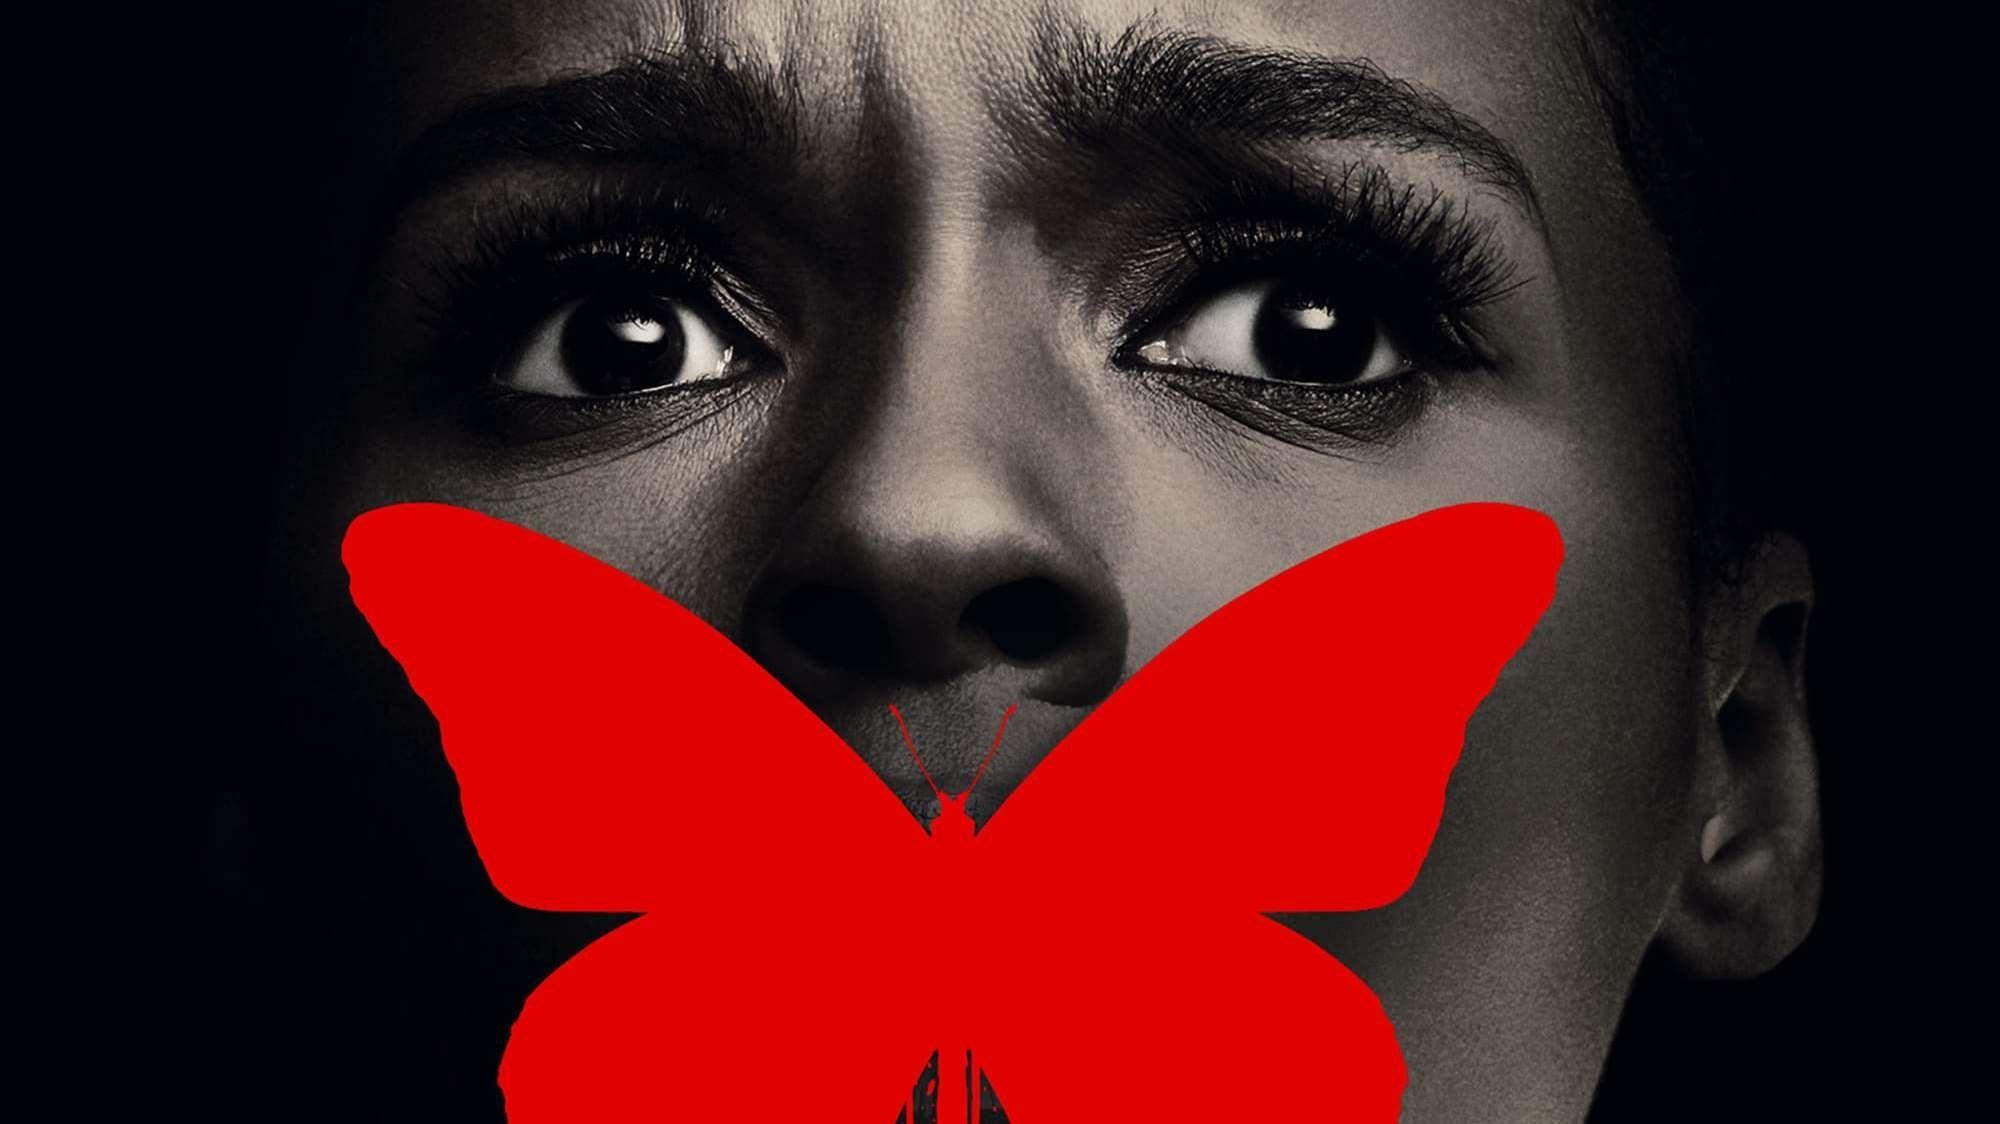 pelicula completa gratis in 2020 Full movies, The last